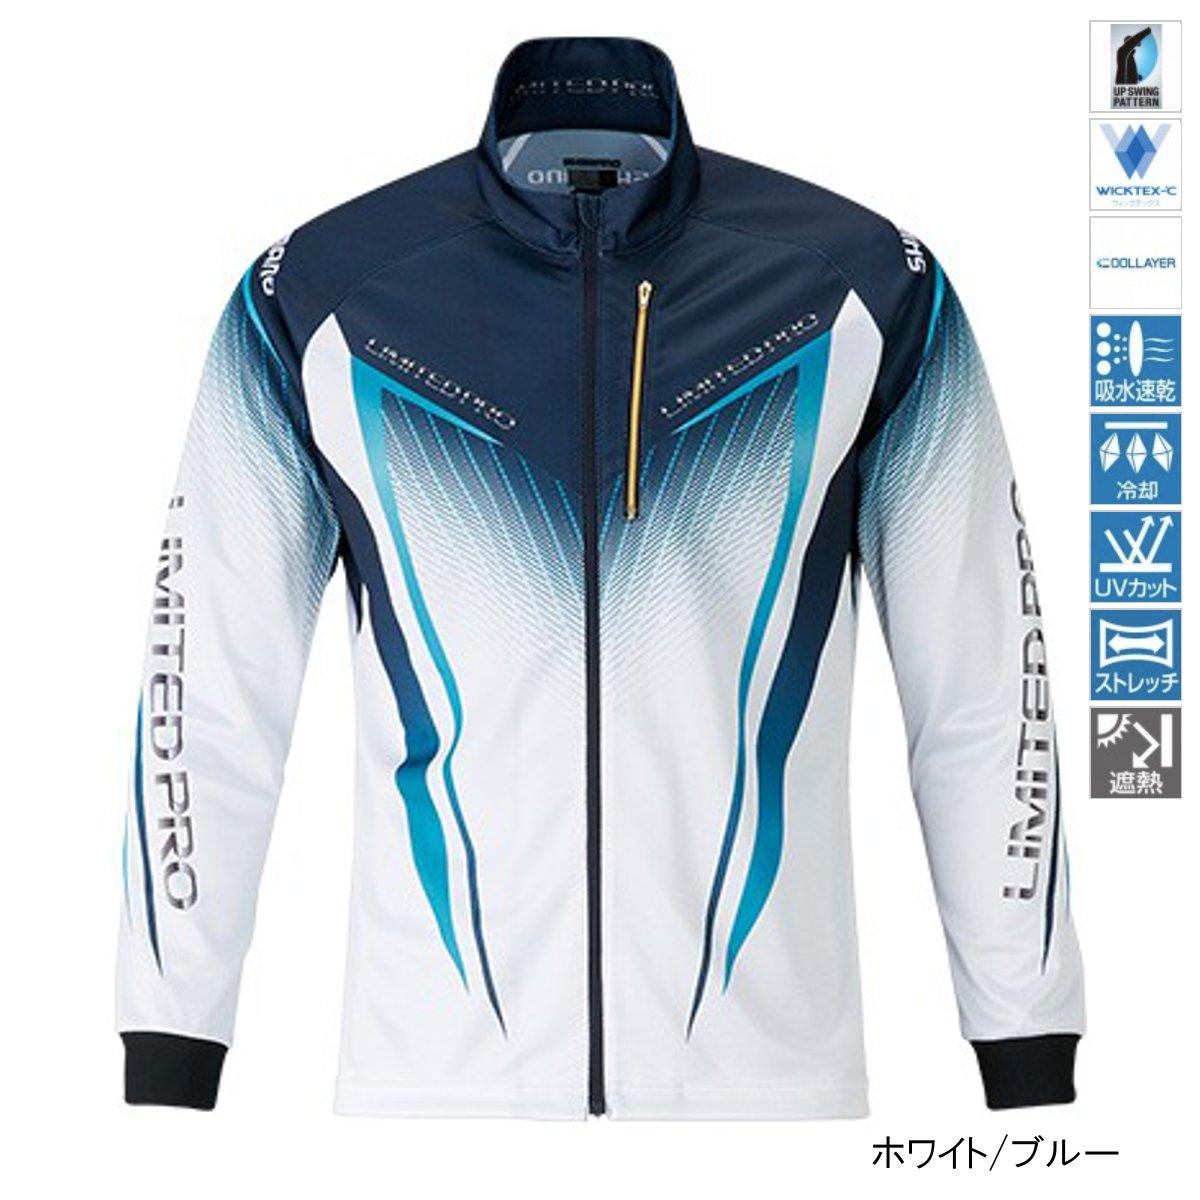 シマノ フルジップシャツLIMITED PRO(長袖) SH-011S L ホワイト/ブルー